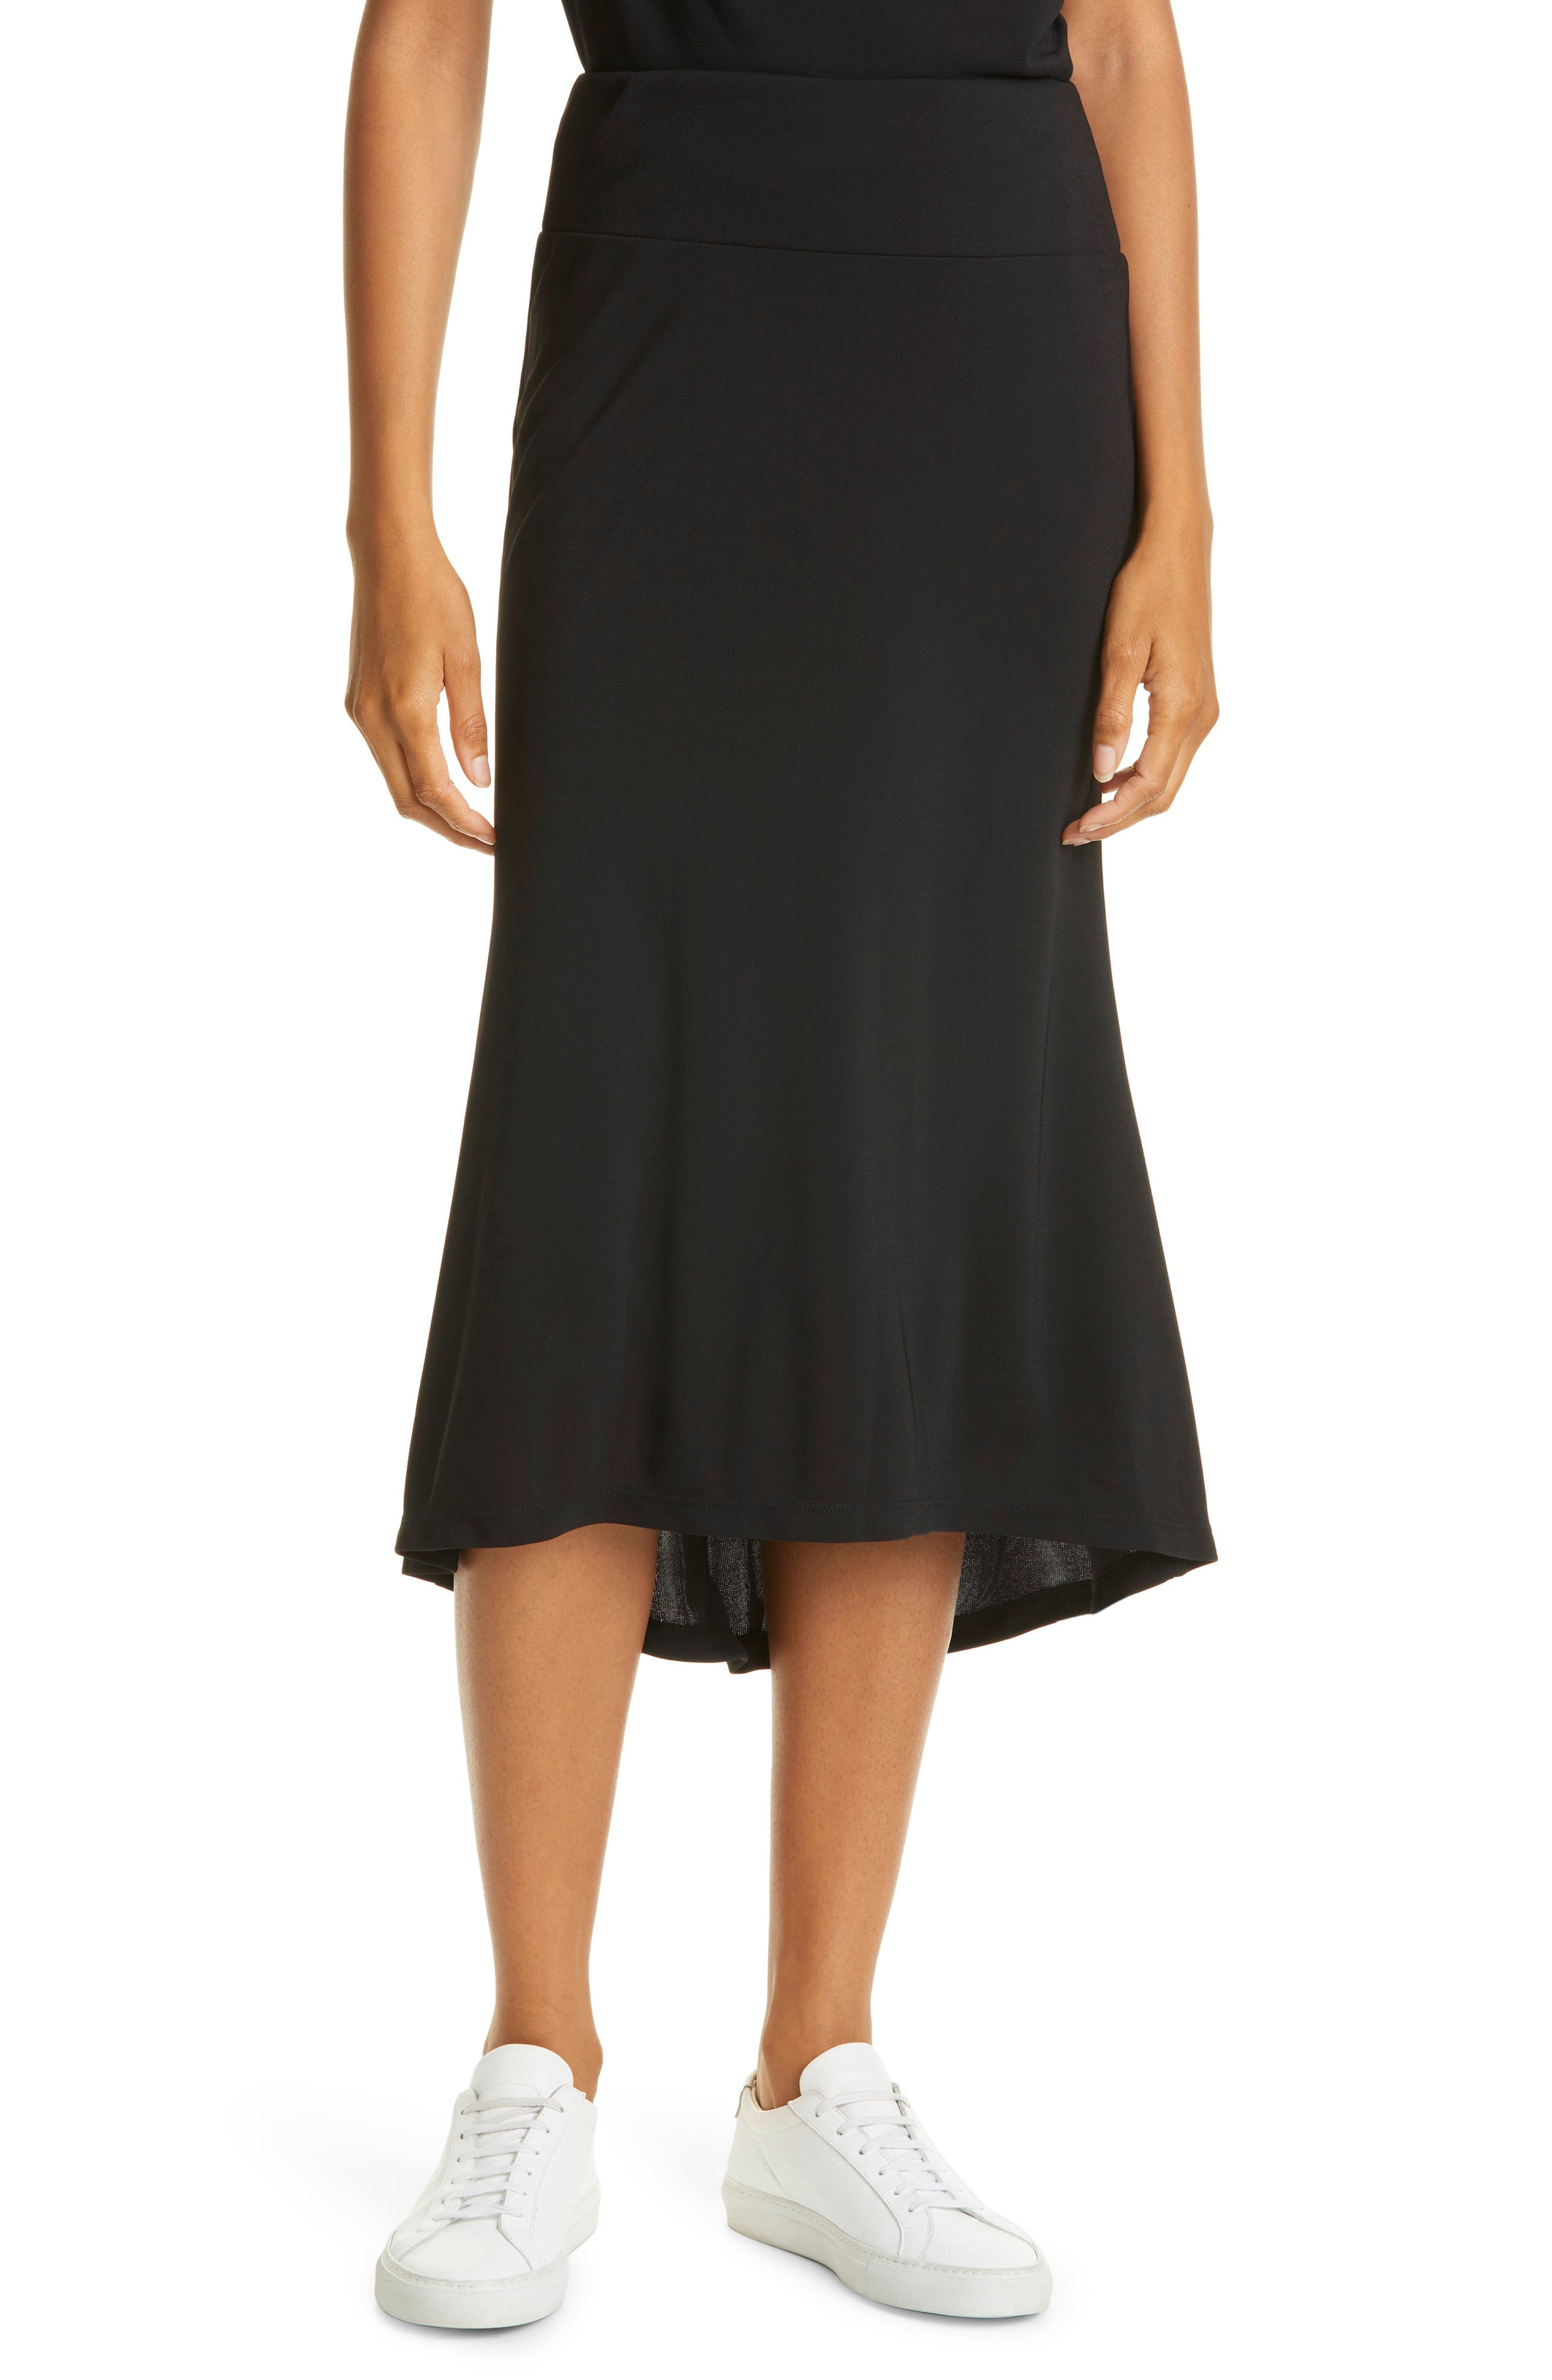 Women's Dkny Asymmetric Knit Skirt